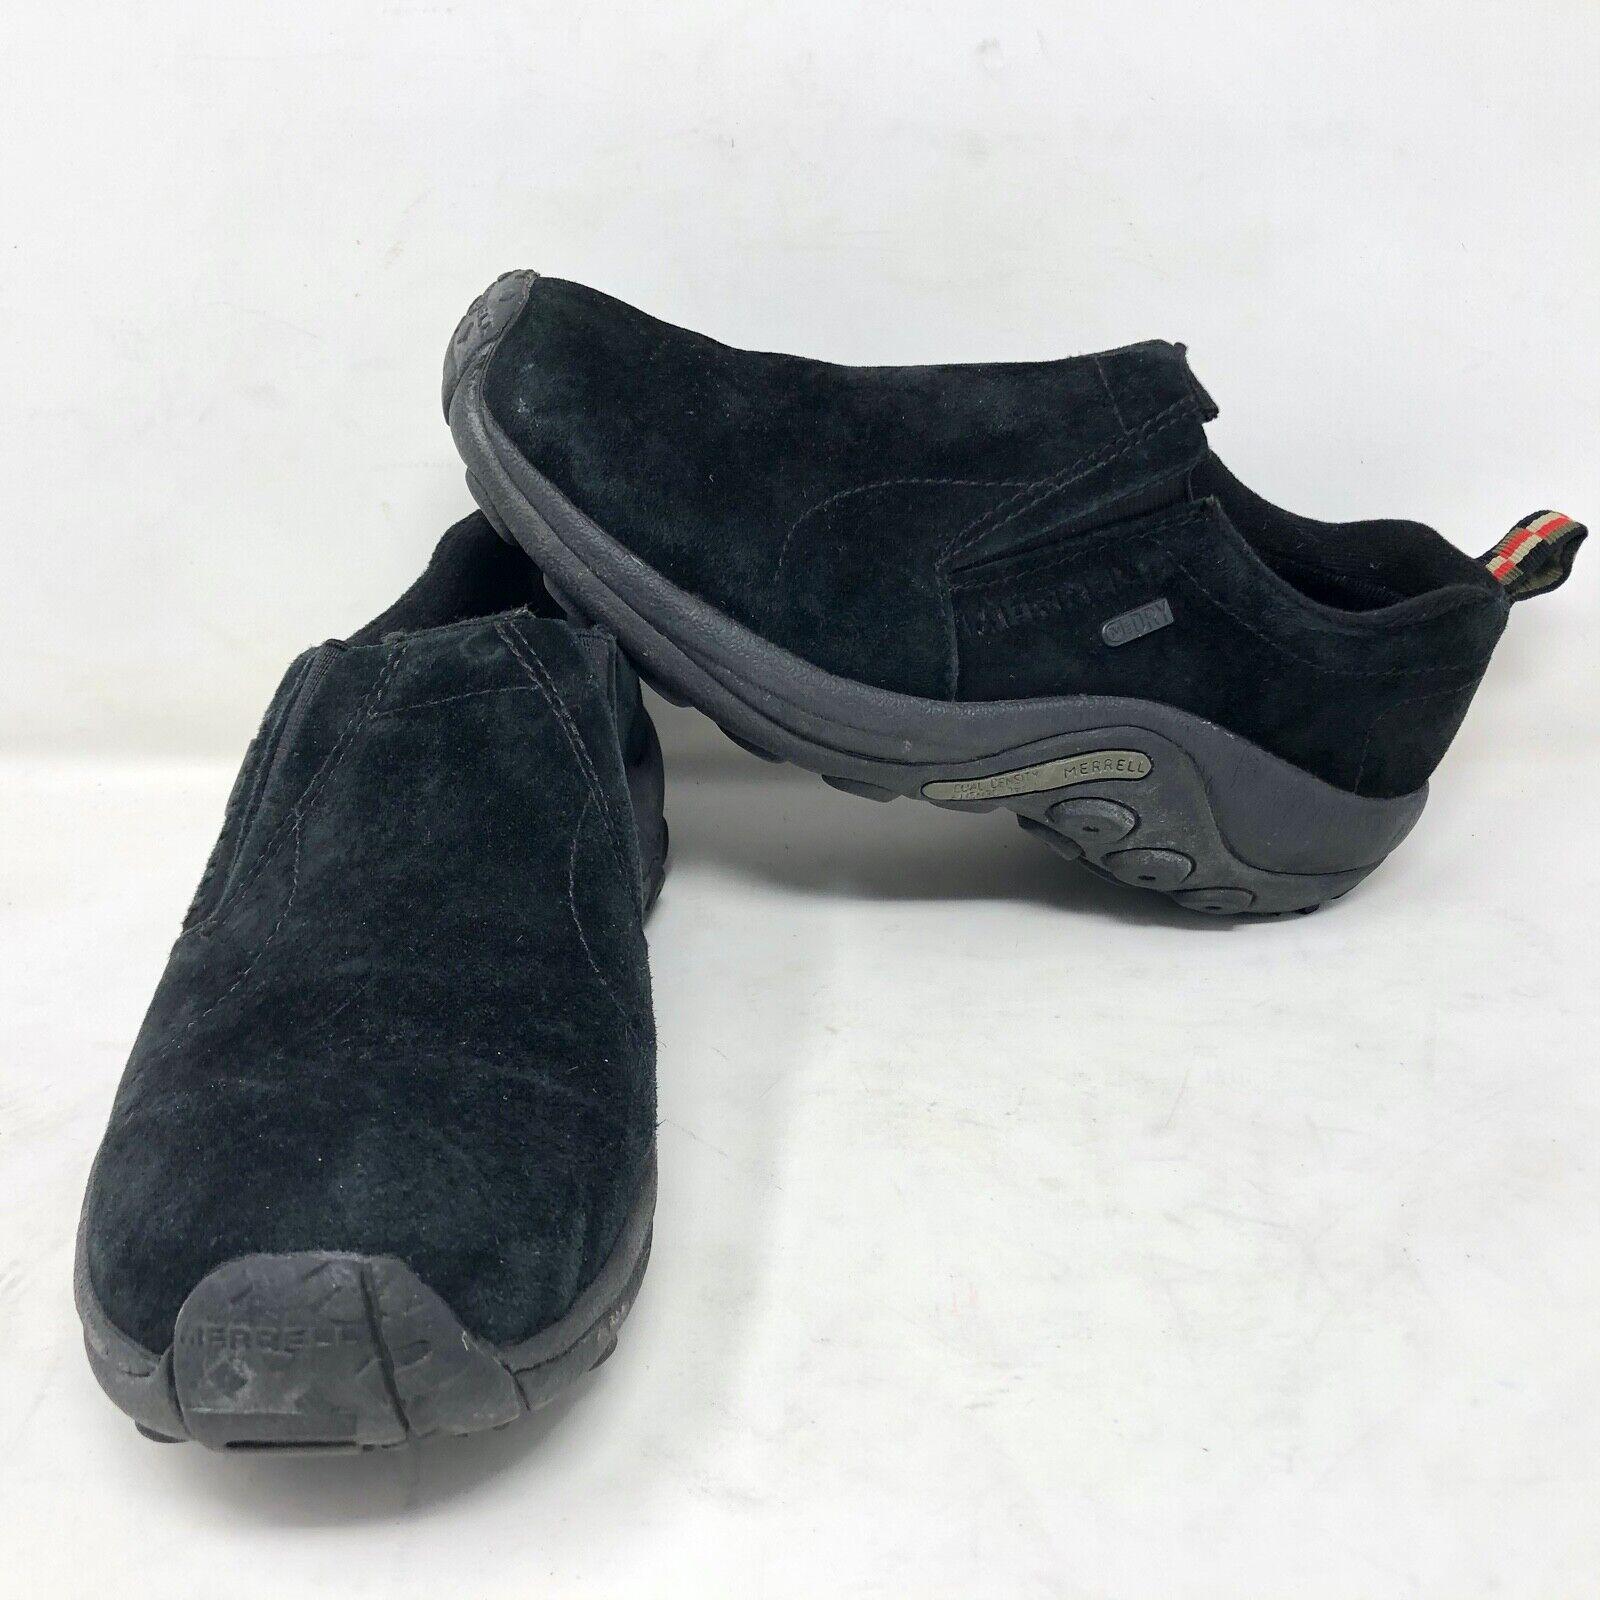 Merrell Jungle Moc NUBUCK NOIR Chaussures Cuir SZ 8 Lacet Randonnée Marche